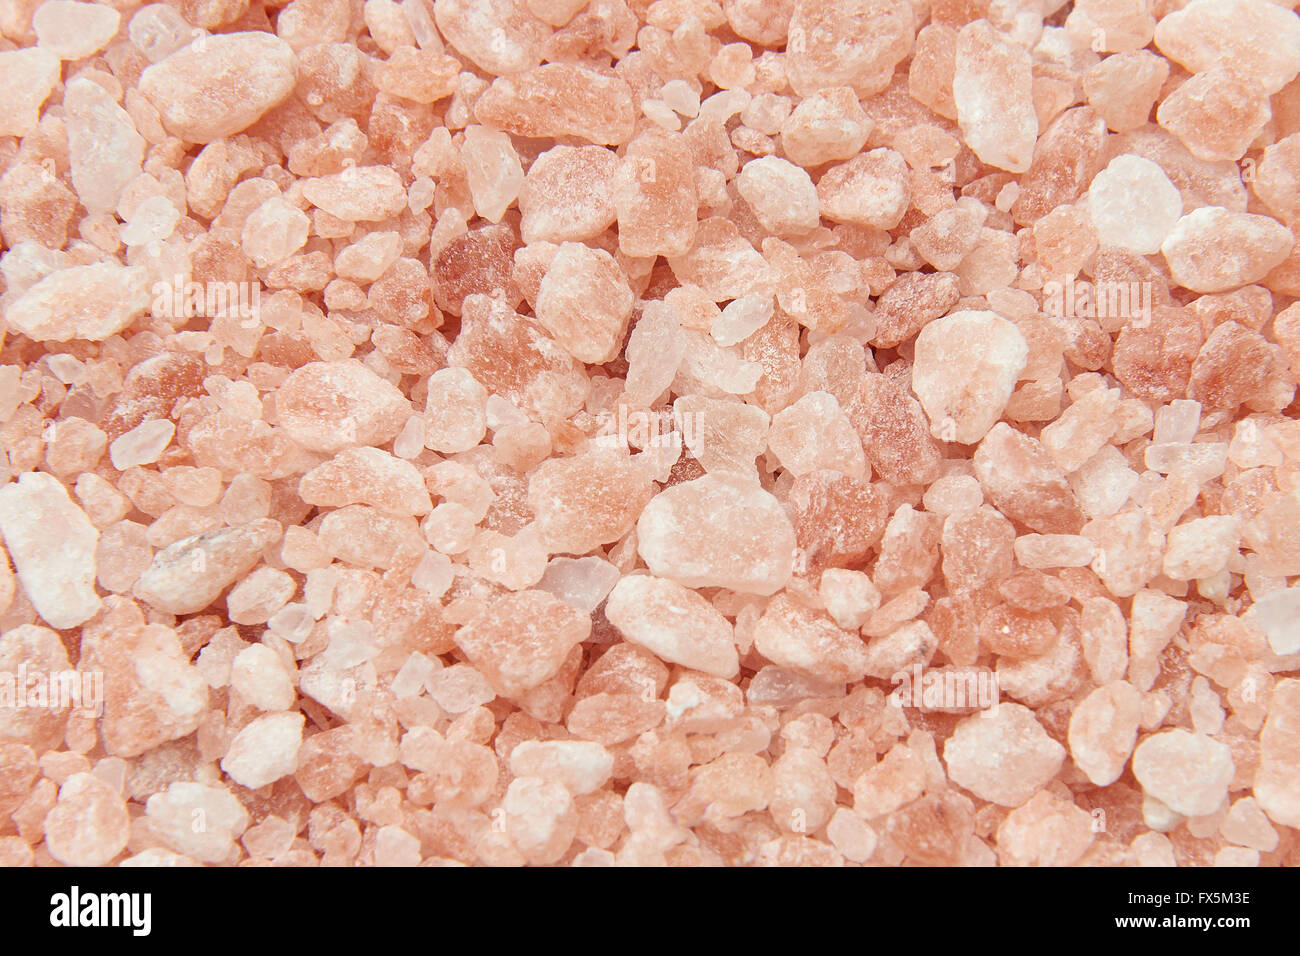 Closeup image of pink Himalayan salt crystals - Stock Image